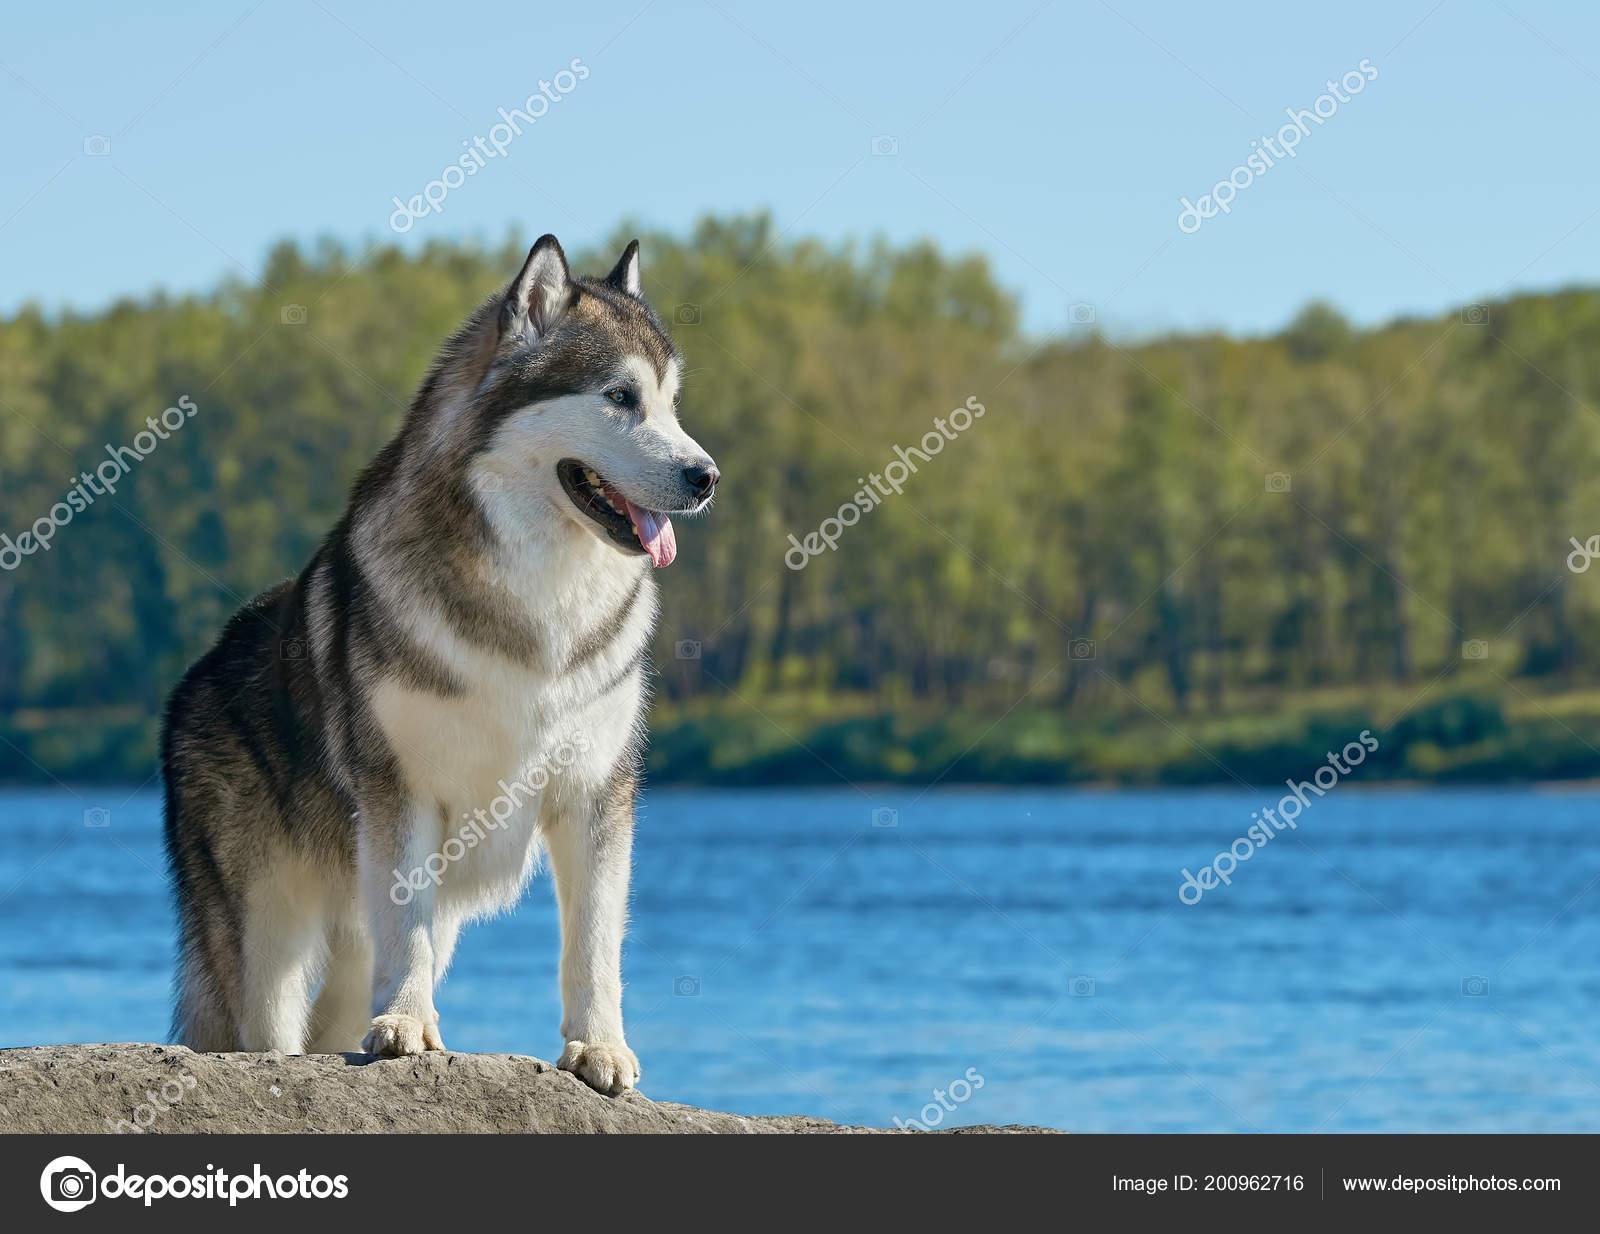 Nadýchané pes Aljašský malamut stojící na břehu řeky v přírodě Severní  Americe pozadí. Detail portrétu populární saně plemeno psů 5f5aee7f49